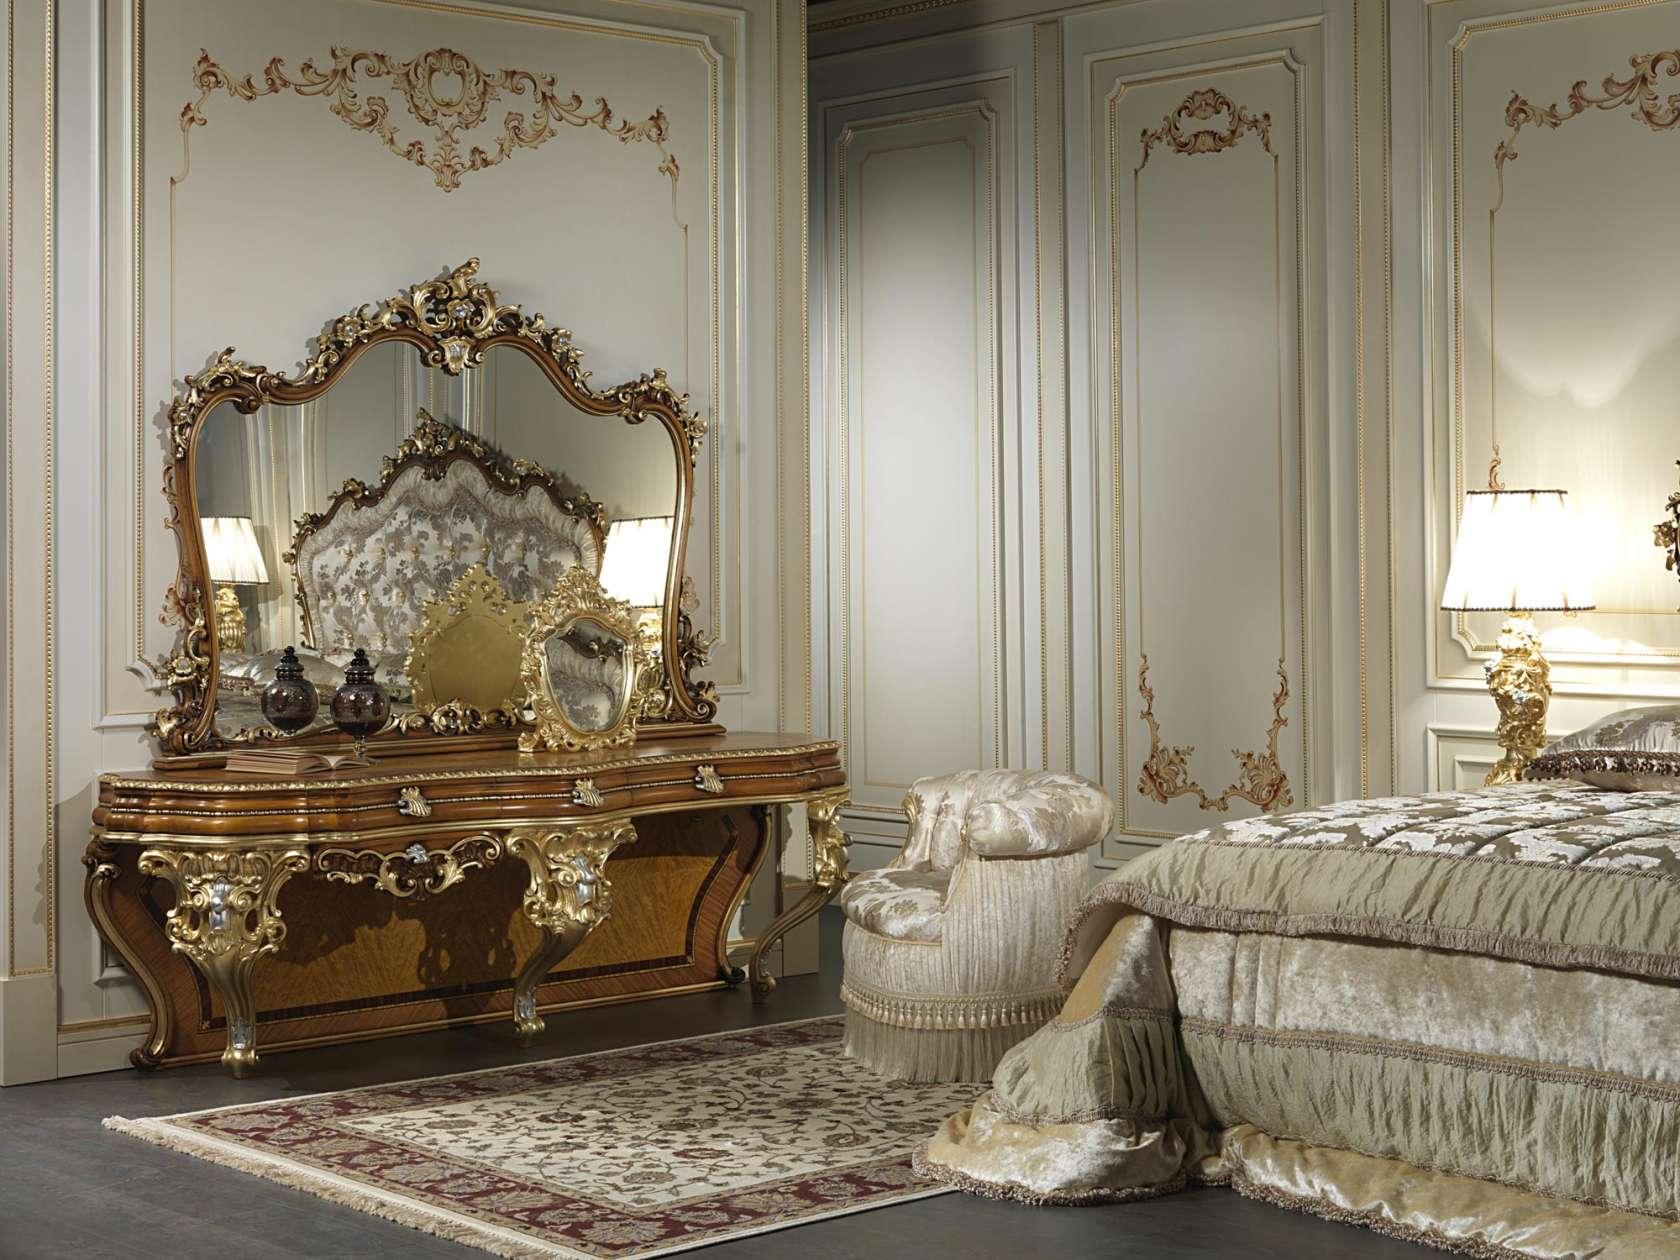 Specchio da camera classico barocco art. 2013 | Vimercati Meda